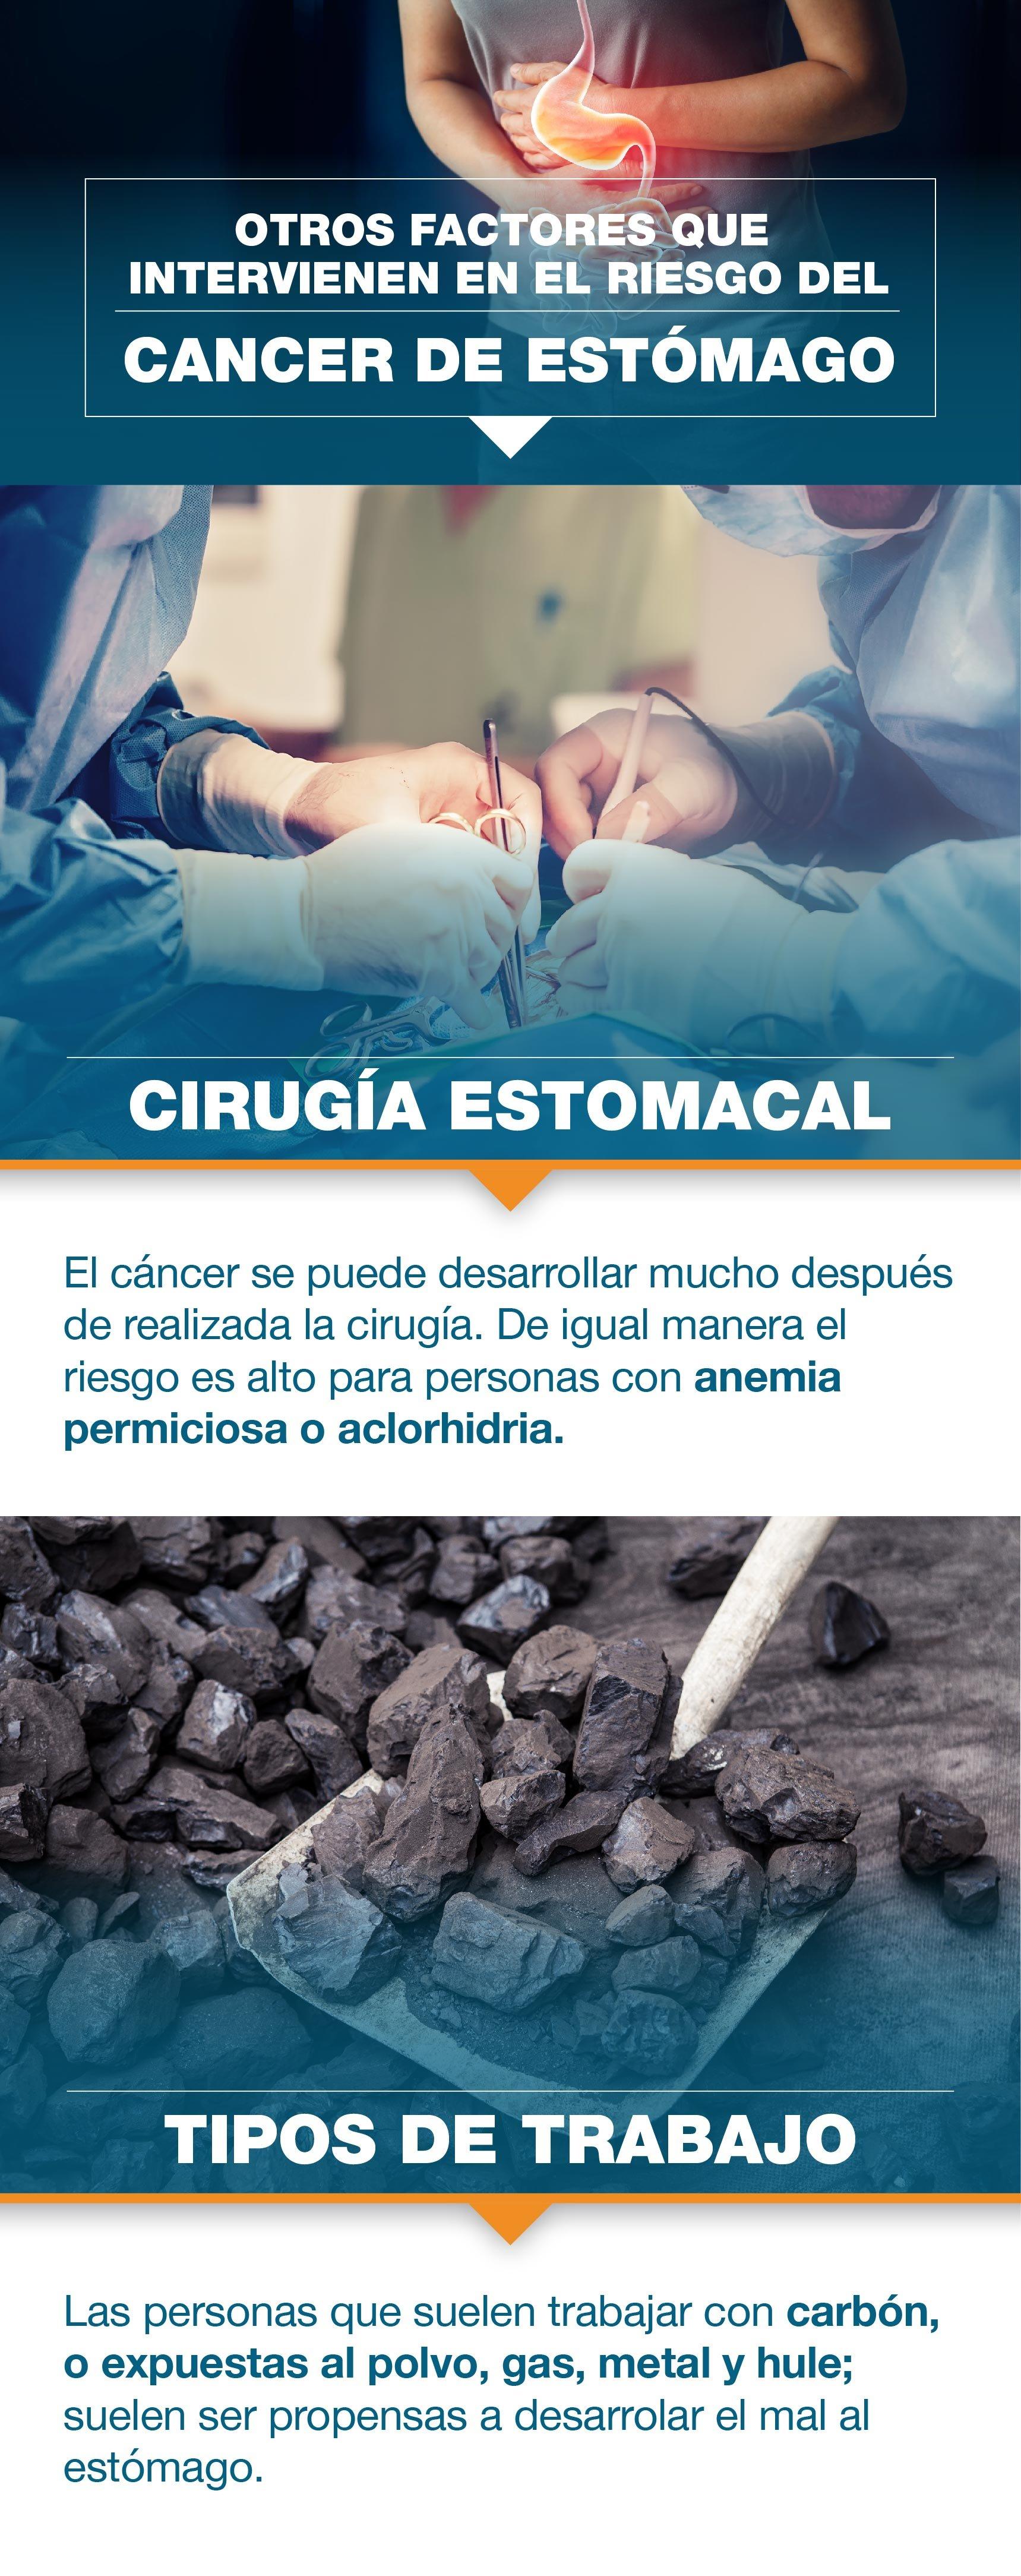 ONCOSALUD CANCER DE ESTOMAGO_Mesa de trabajo 1 (1)